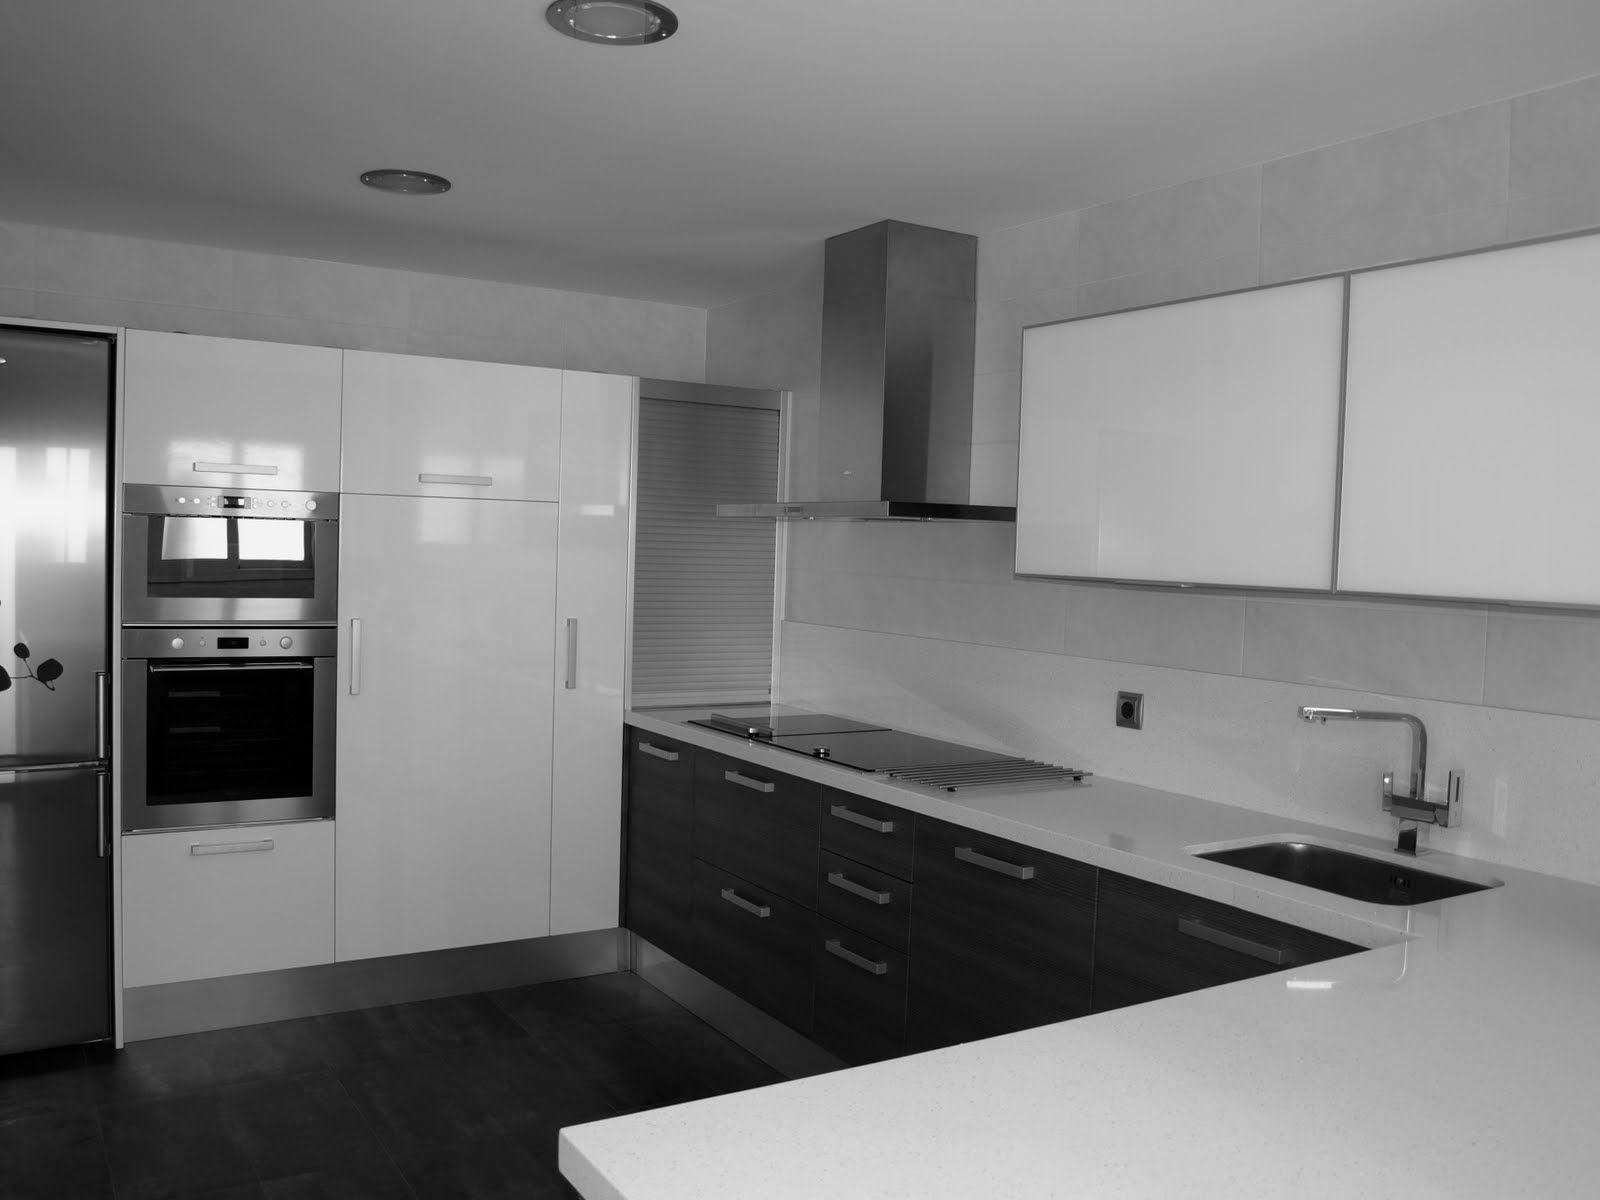 Cocina blanca suelo gris inspiraci n de dise o de for Cocina blanca y suelo gris